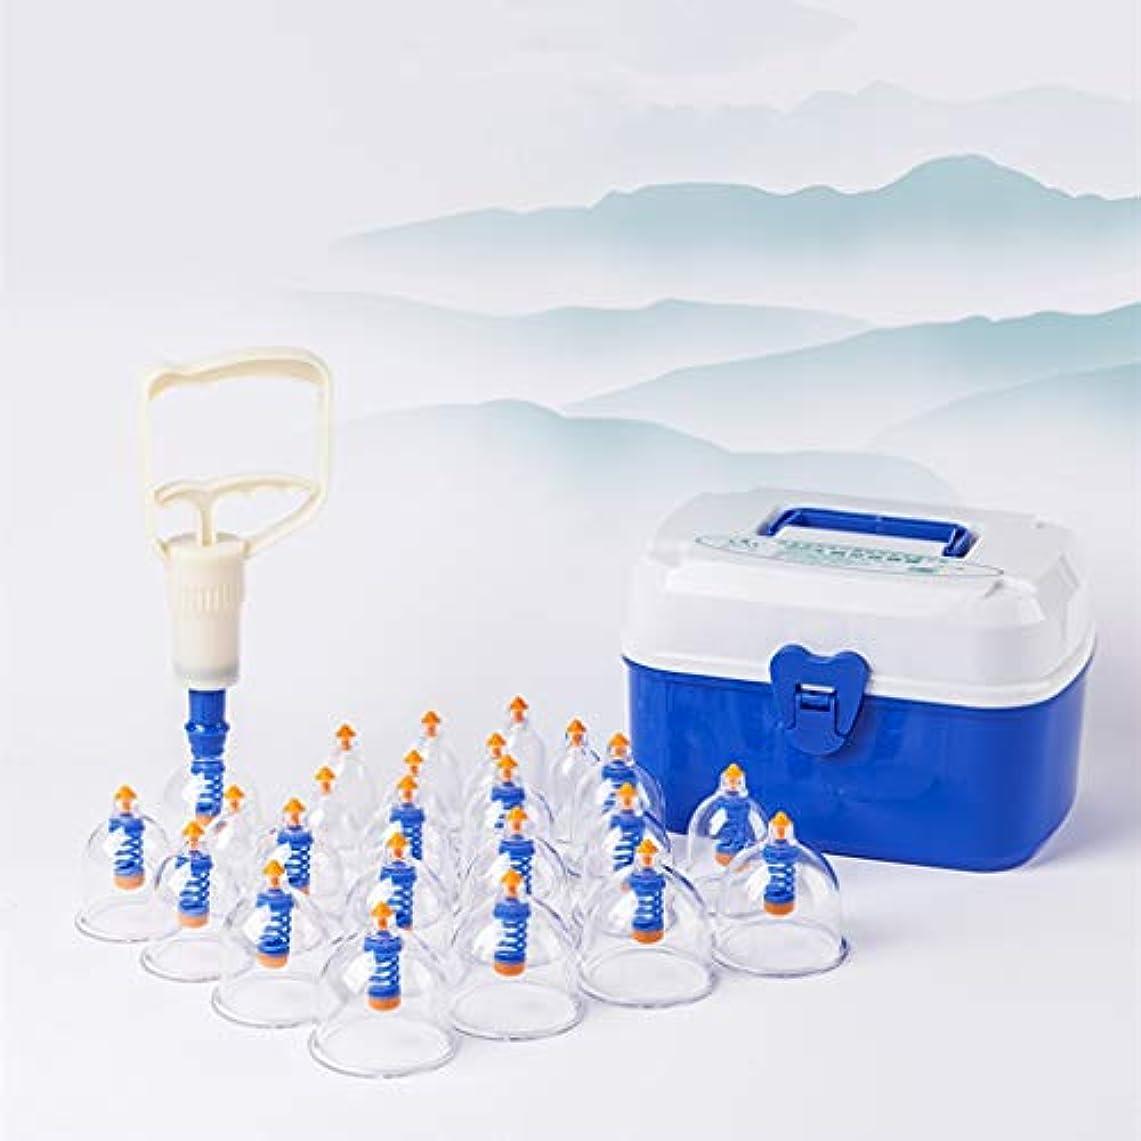 オーバードローめったに最初に吸い玉 カッピング療法セット 吸い玉健康法カッピングカップ ツボ刺激血流促進こり解消点穴磁気 6種類 24個 延長チューブ?収納ケース付